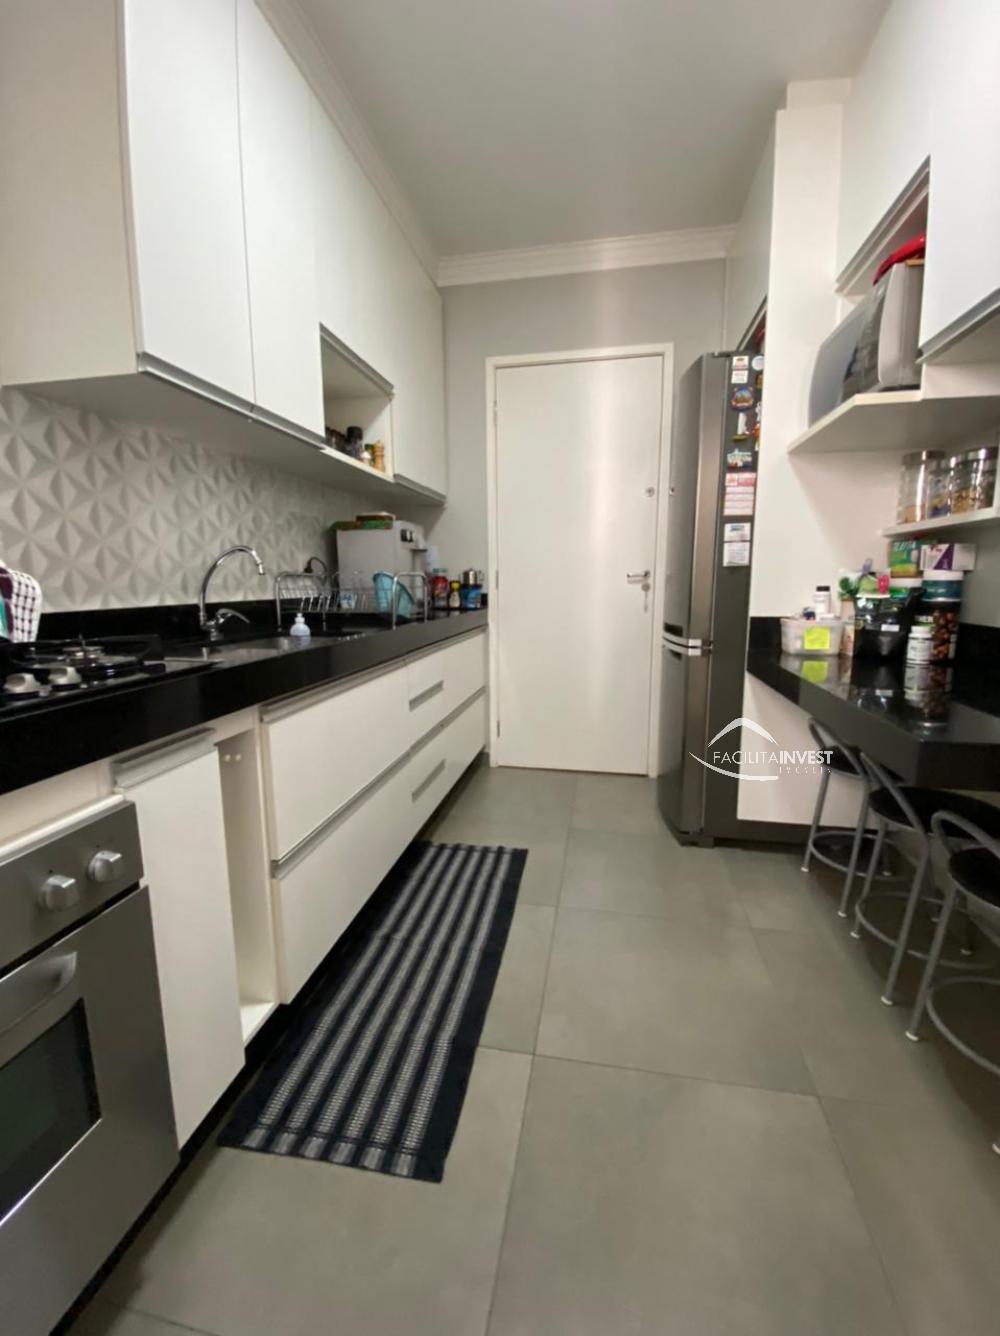 Comprar Apartamentos / Apart. Padrão em Ribeirão Preto R$ 560.000,00 - Foto 7